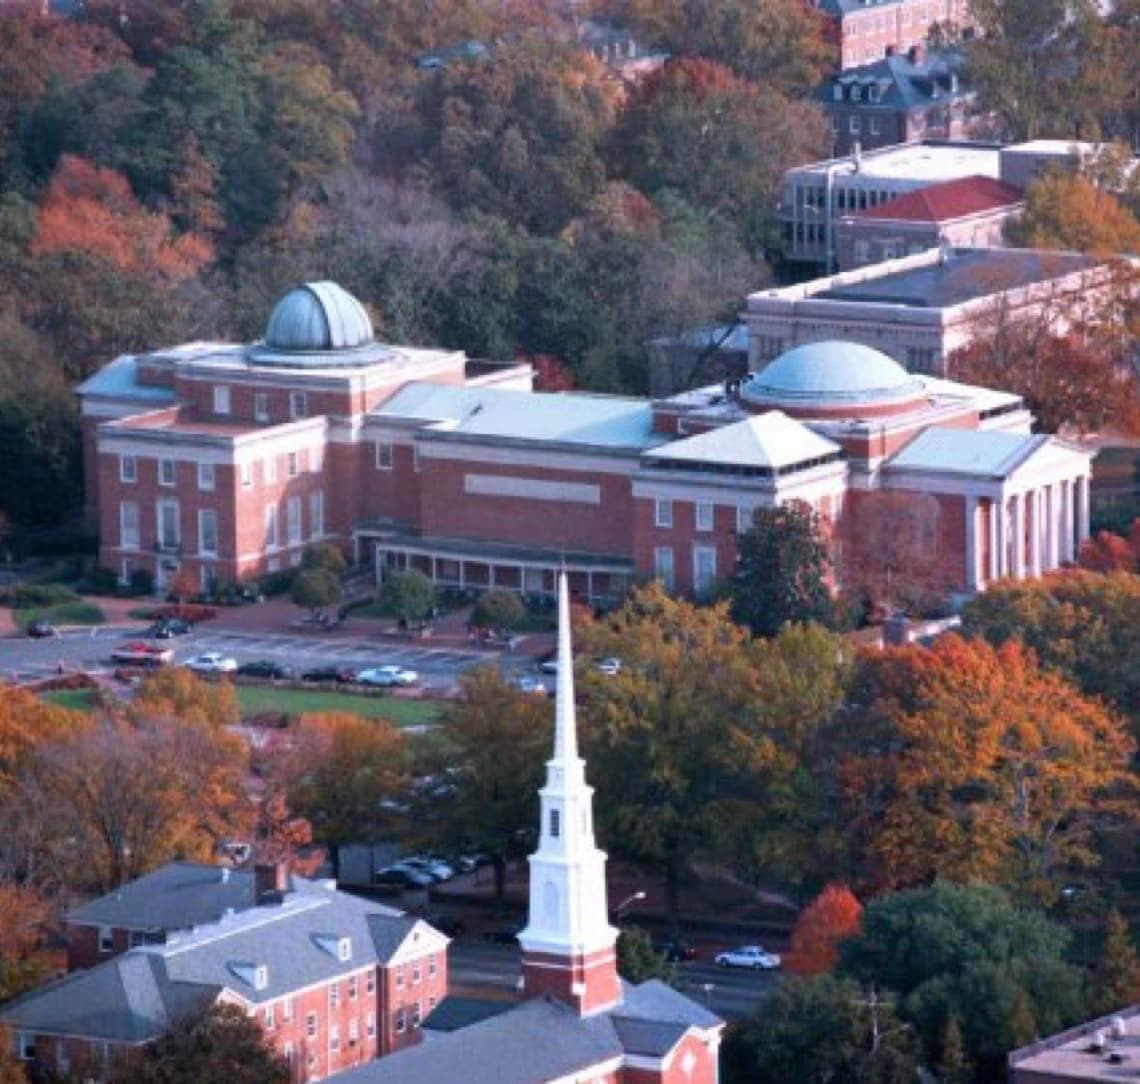 Morehead Planetarium aerial view of building